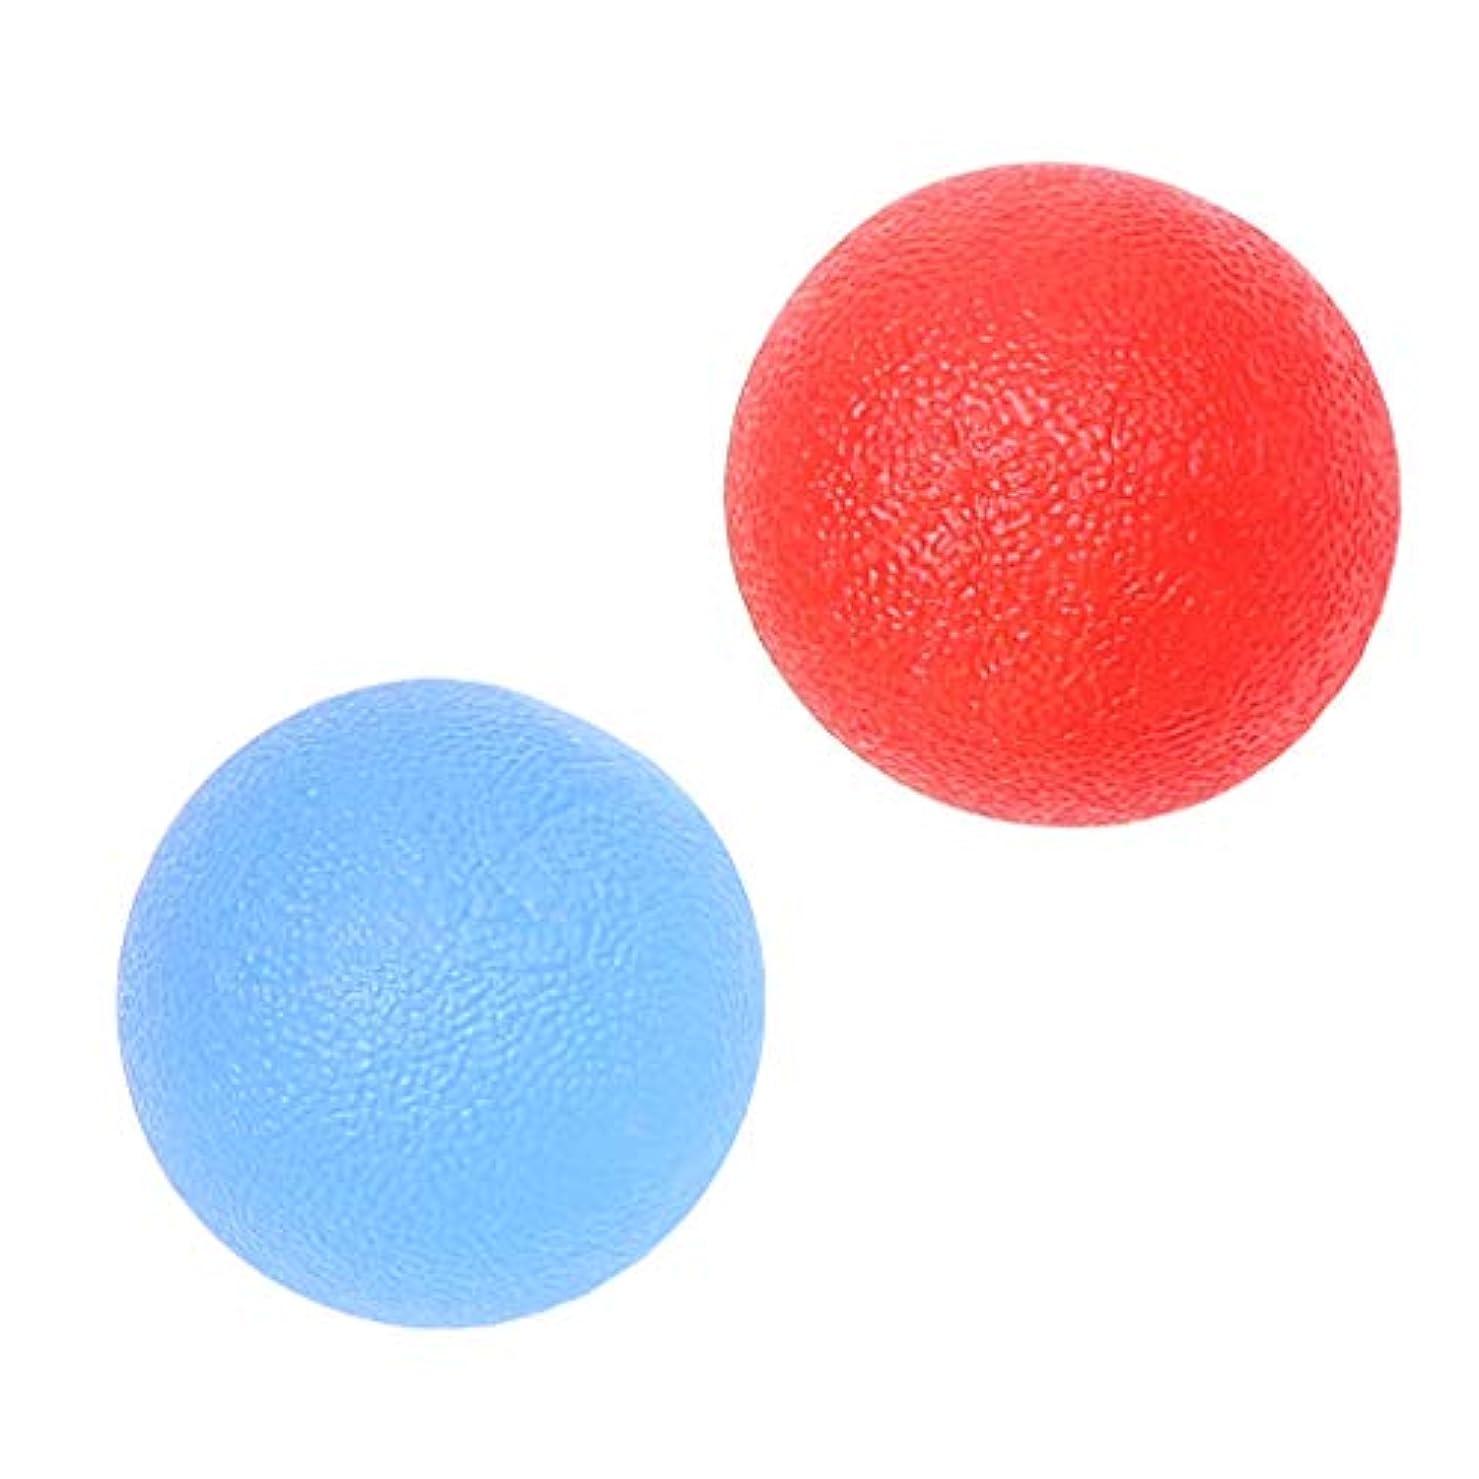 小道歌詞まだBaoblaze ハンドグリップ ボール シリコン マッサージ 指トレーニング ストレス緩和 赤/青 2個入